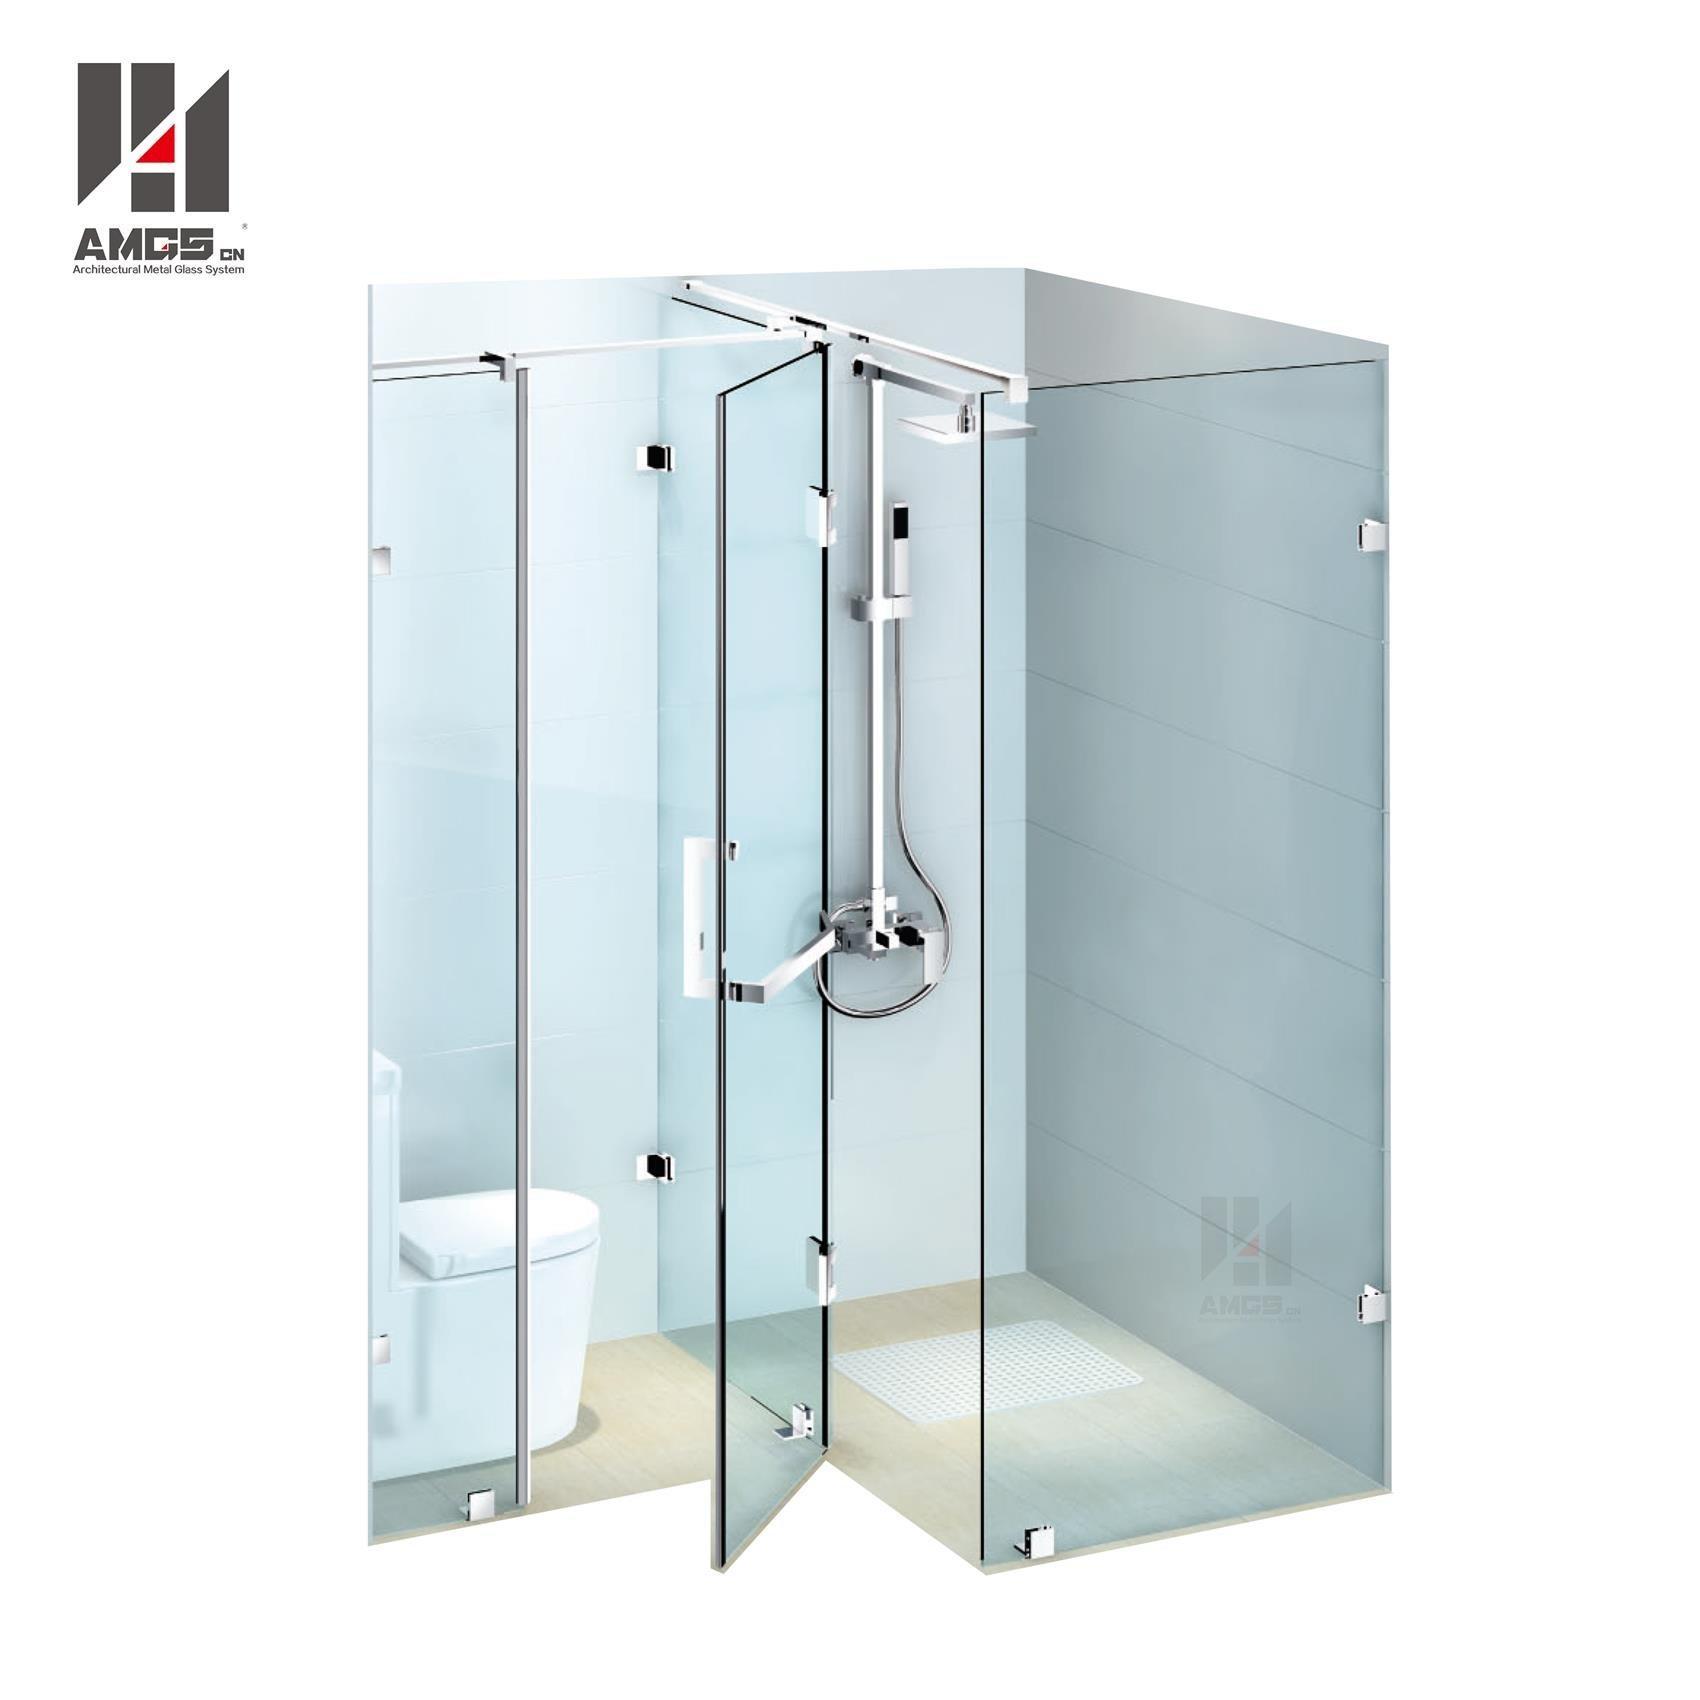 Bathroom Frameless Swing Tempered Clear Glass Shower Doors